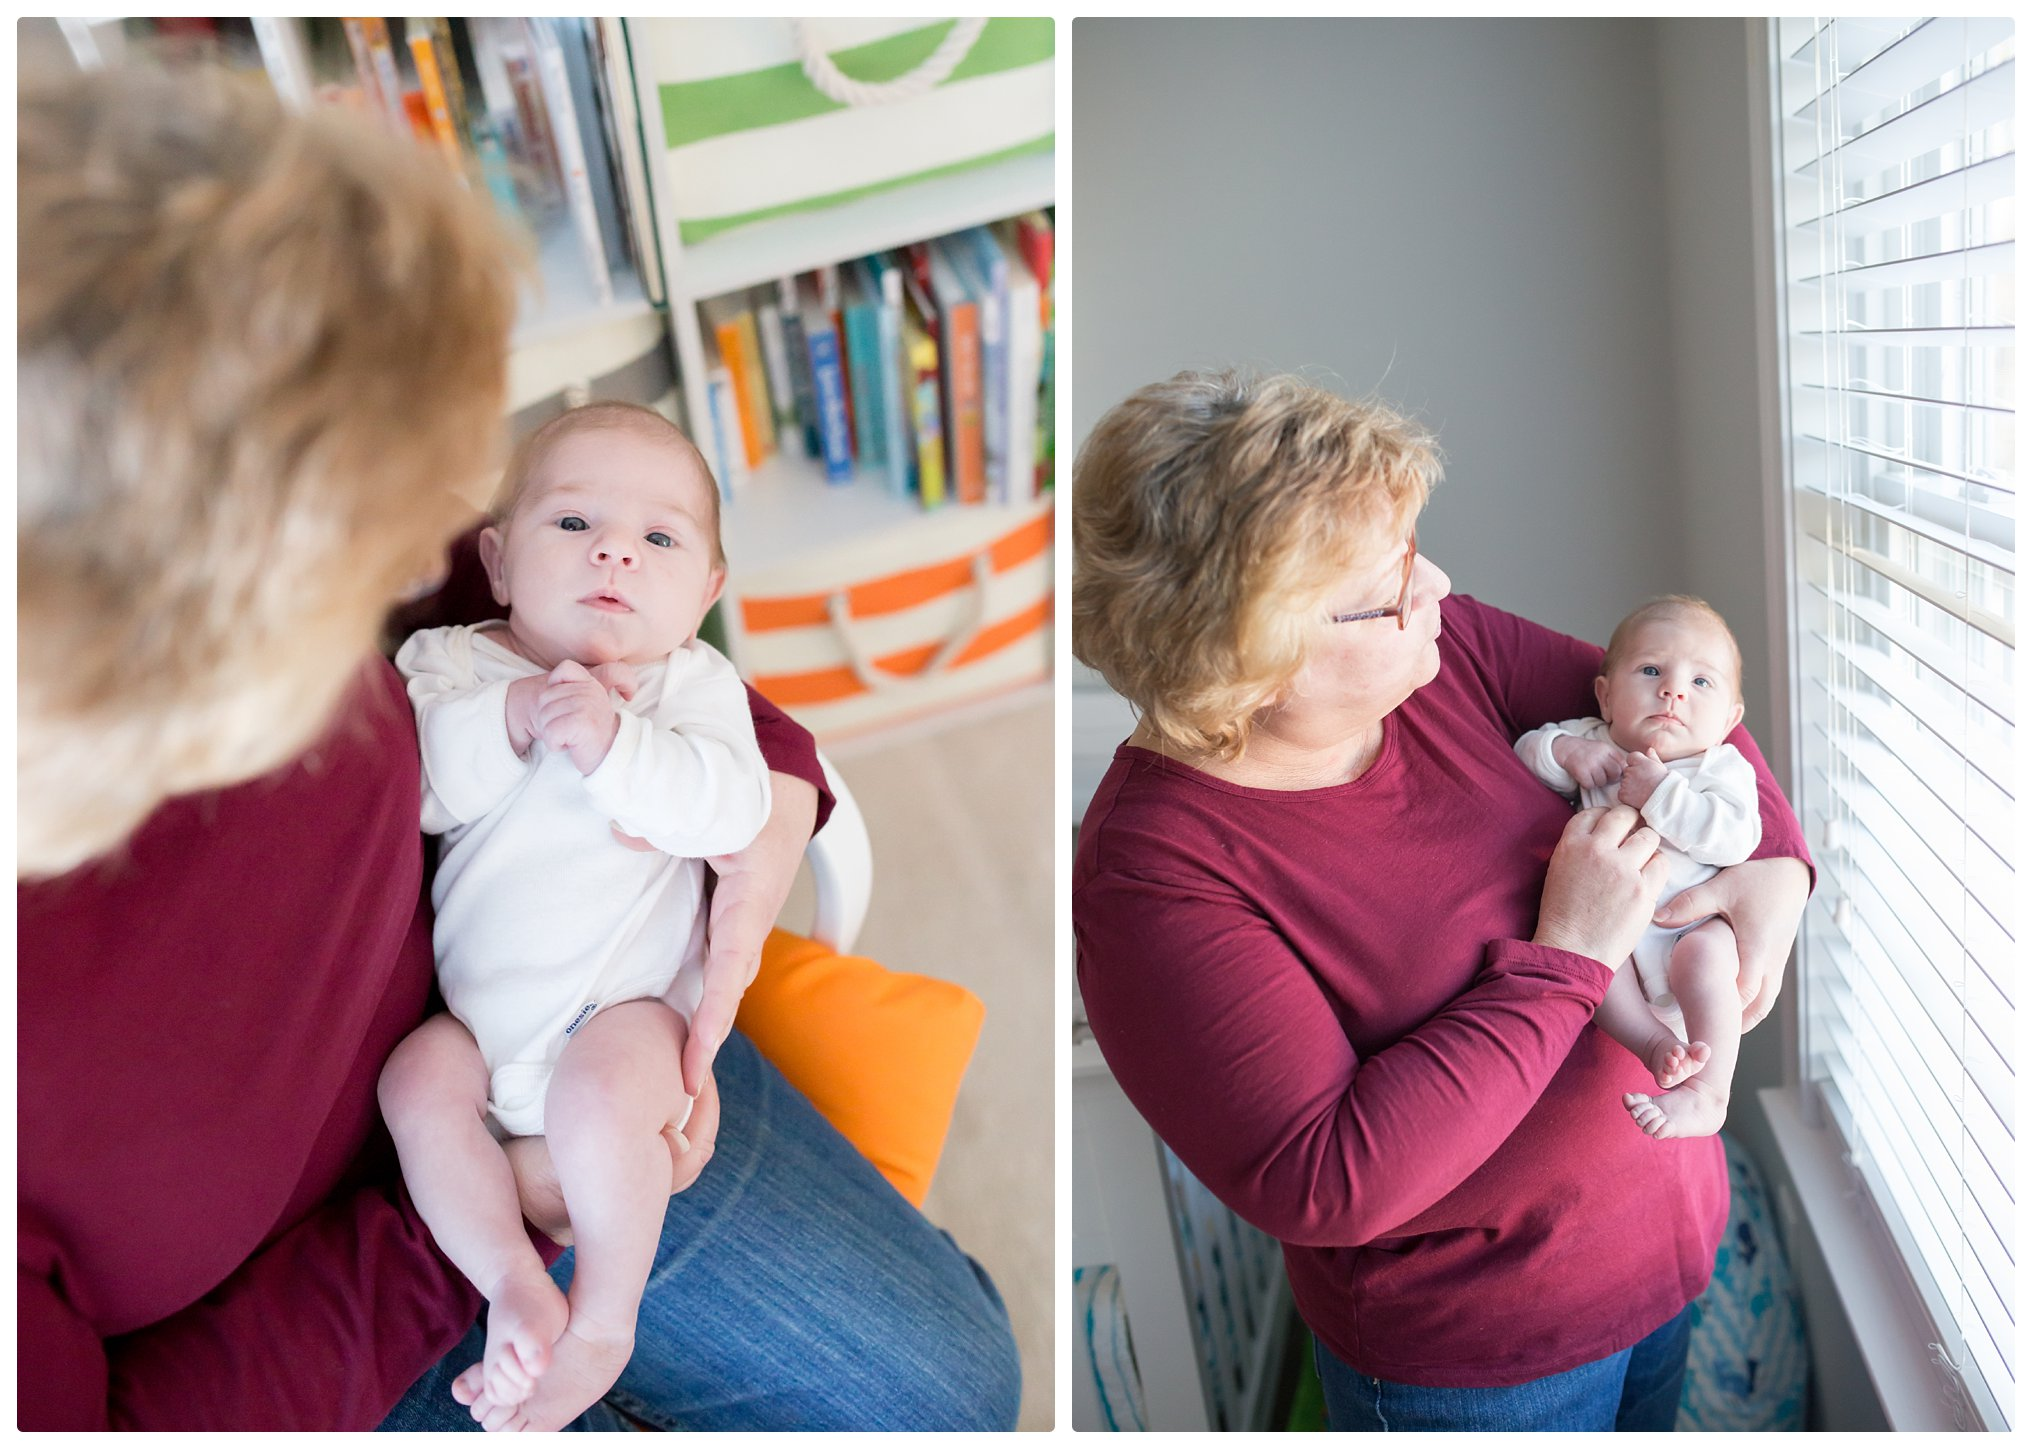 Grandma holds new grandson in nursery photos in Boston Massachusetts